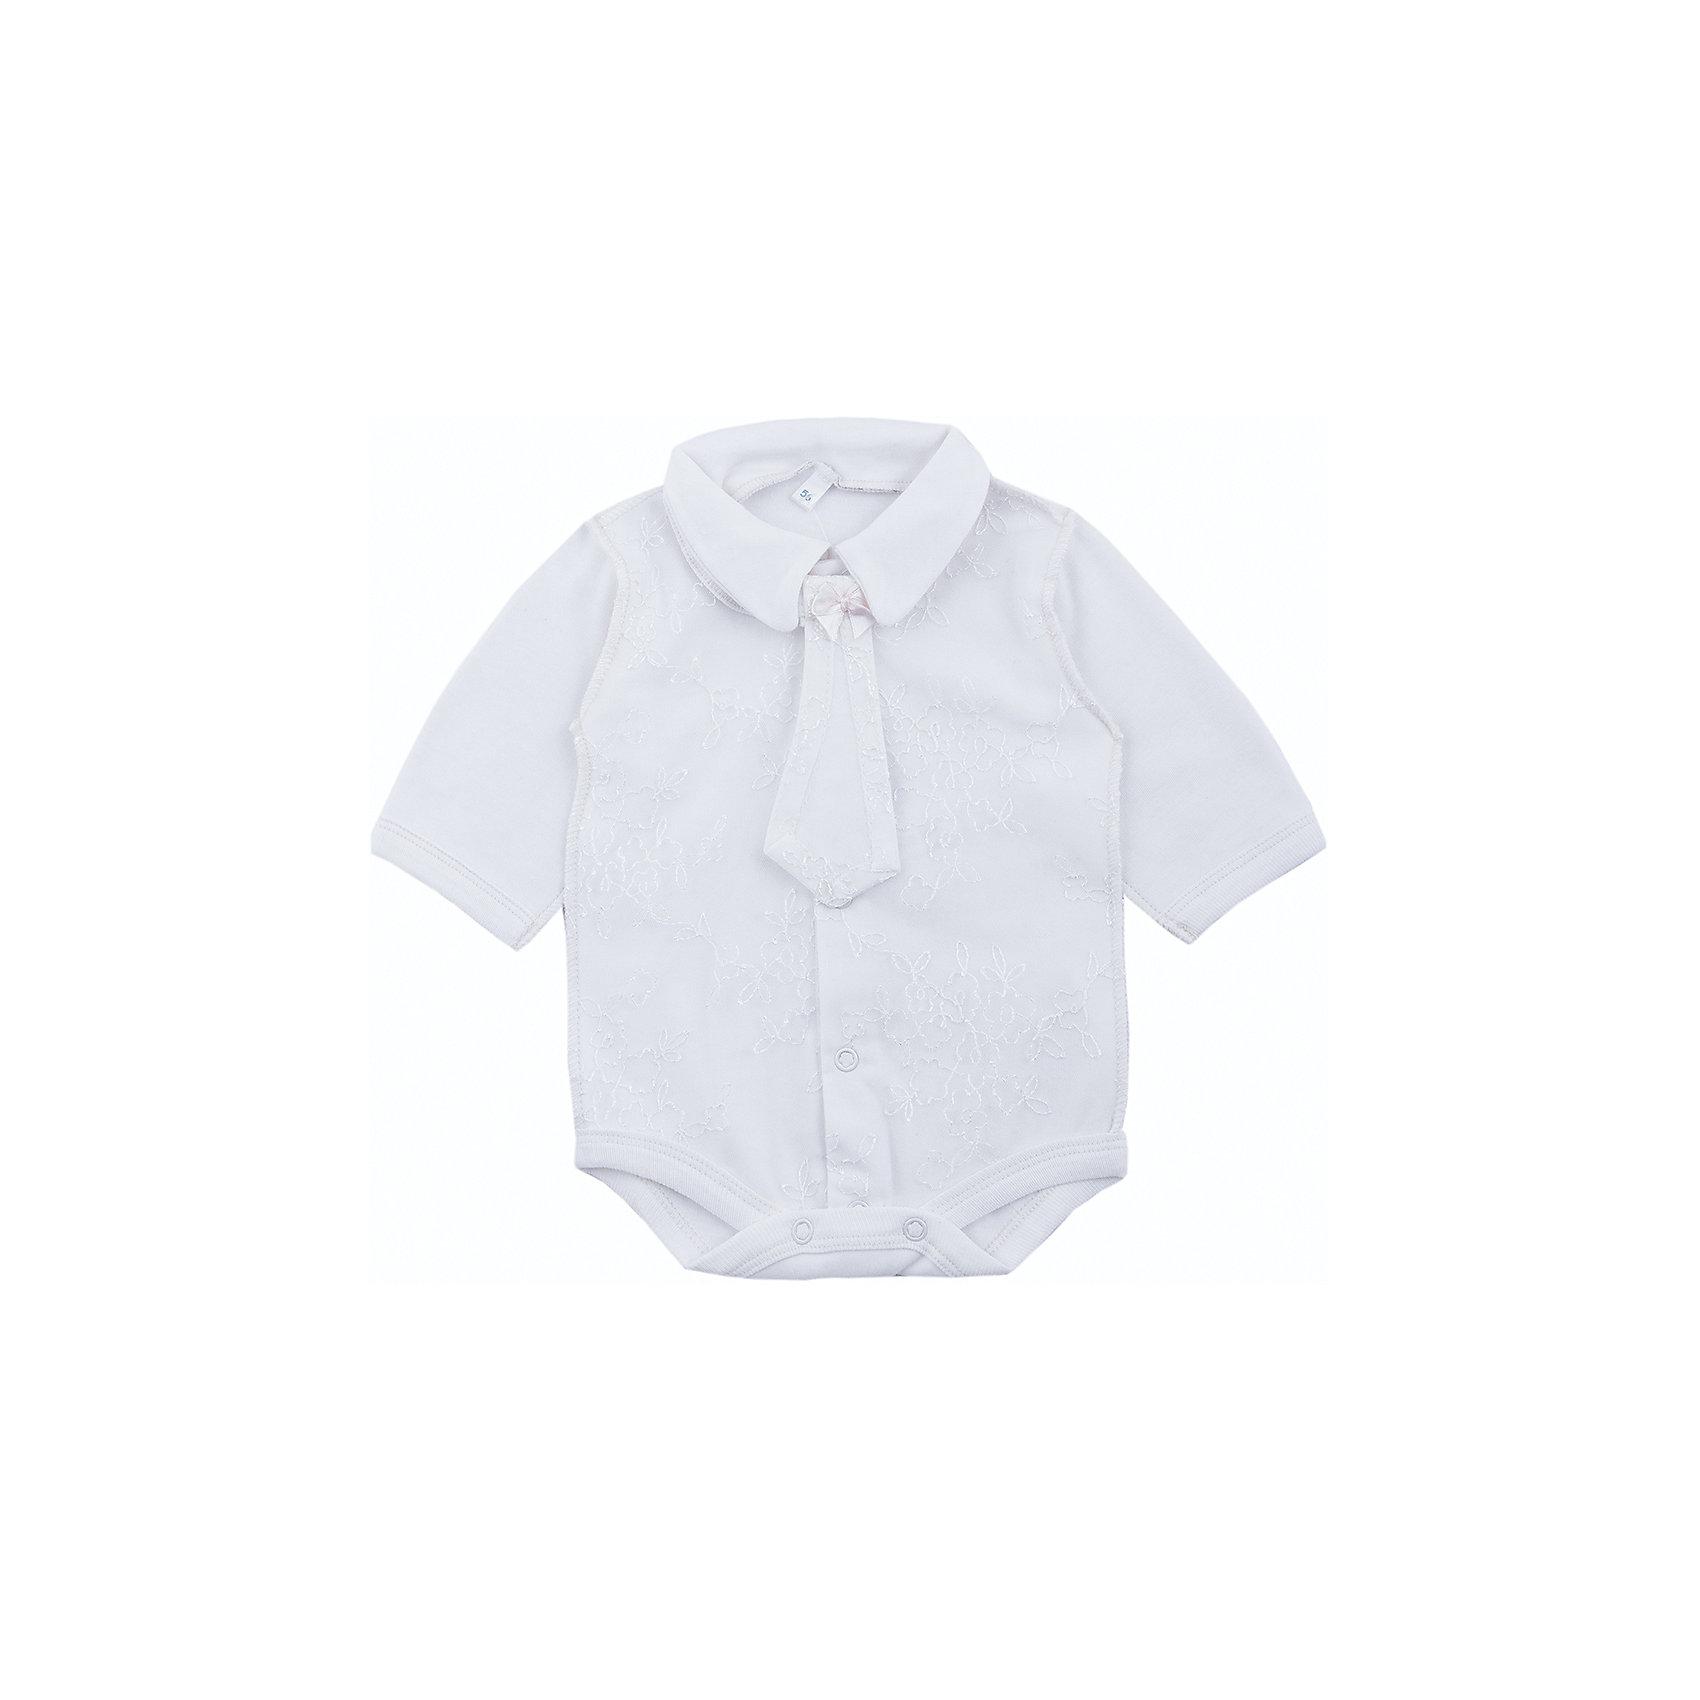 Комплект на выписку: боди и галстук для мальчика Soni KidsКомплект на выписку: боди и галстук для мальчика от популярной марки Soni Kids<br><br>Нарядный и удобный комплект состоит из боди и галстука. Он создан специально для того, чтобы подчеркнуть торжественность момента выписки и сделать малыша особенно очаровательным.<br><br>Особенности модели:<br><br>- цвет - молочный;<br>- материал - натуральный хлопок;<br>- отложной воротник;<br>- украшен гипюром;<br>- рукава длинные;<br>- галстук на завязках, украшен бантом;<br>- застежки - кнопки впереди и внизу.<br><br>Дополнительная информация:<br><br>Состав:  100% хлопок (интерлок)<br><br>Габариты:<br><br>длина по спинке - 34 см;<br>длина рукава  - 16 см.<br><br>*соответствует размеру 56<br><br><br>Комплект на выписку: боди и галстук для мальчика от популярной марки Soni Kids (Сони Кидс) можно купить в нашем магазине.<br><br>Ширина мм: 157<br>Глубина мм: 13<br>Высота мм: 119<br>Вес г: 200<br>Цвет: бежевый<br>Возраст от месяцев: 0<br>Возраст до месяцев: 3<br>Пол: Мужской<br>Возраст: Детский<br>Размер: 56<br>SKU: 4323504